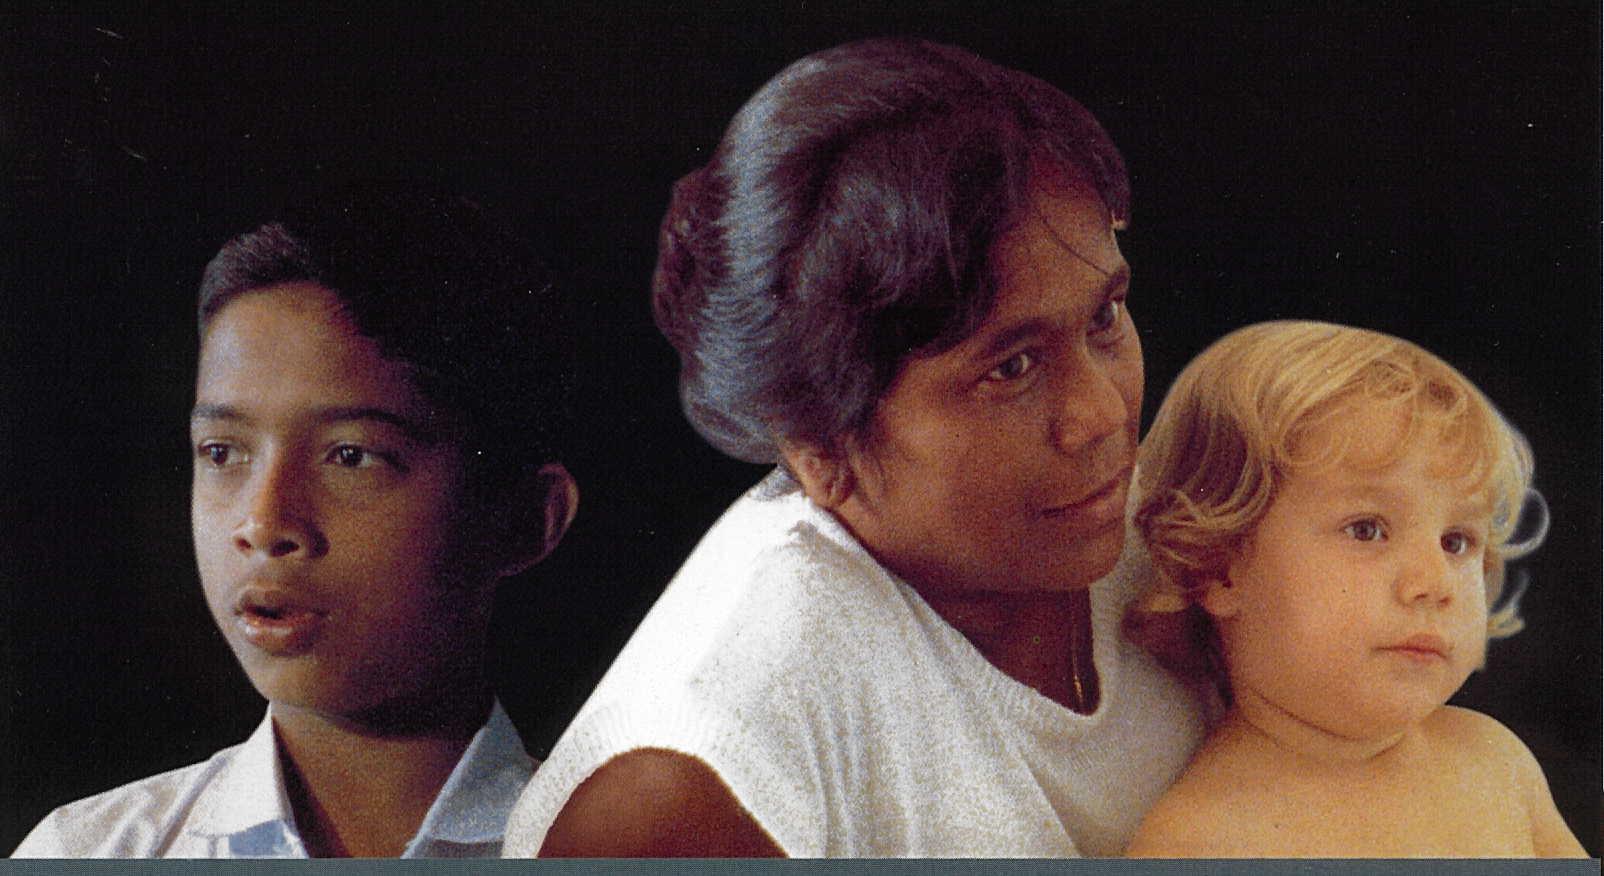 Nilita Vachani - quan la mare torna a casa per nadal